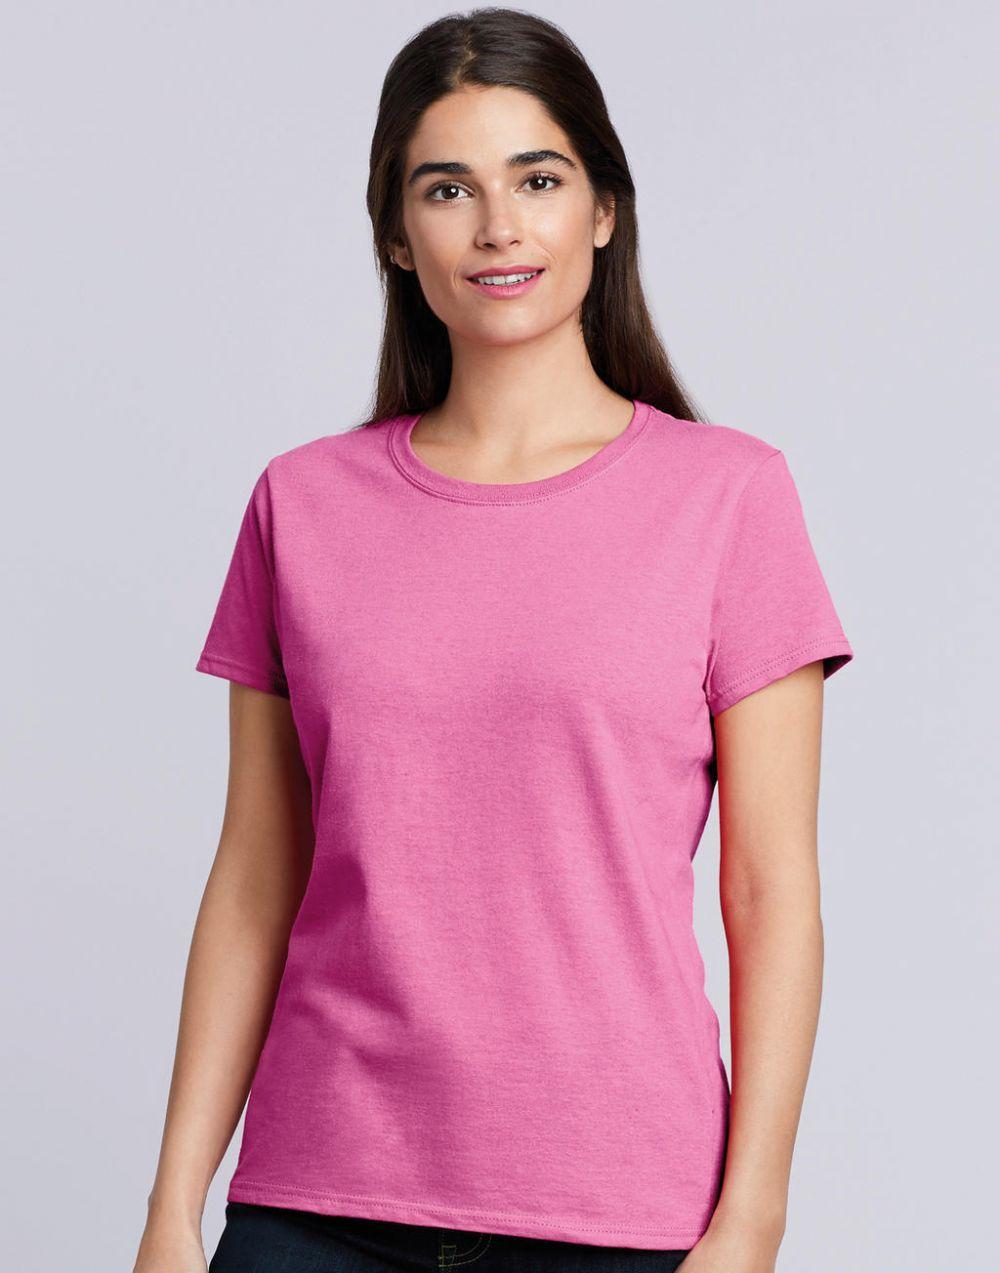 Camisetas manga corta gildan heavy cotton™ mujer con publicidad vista 1